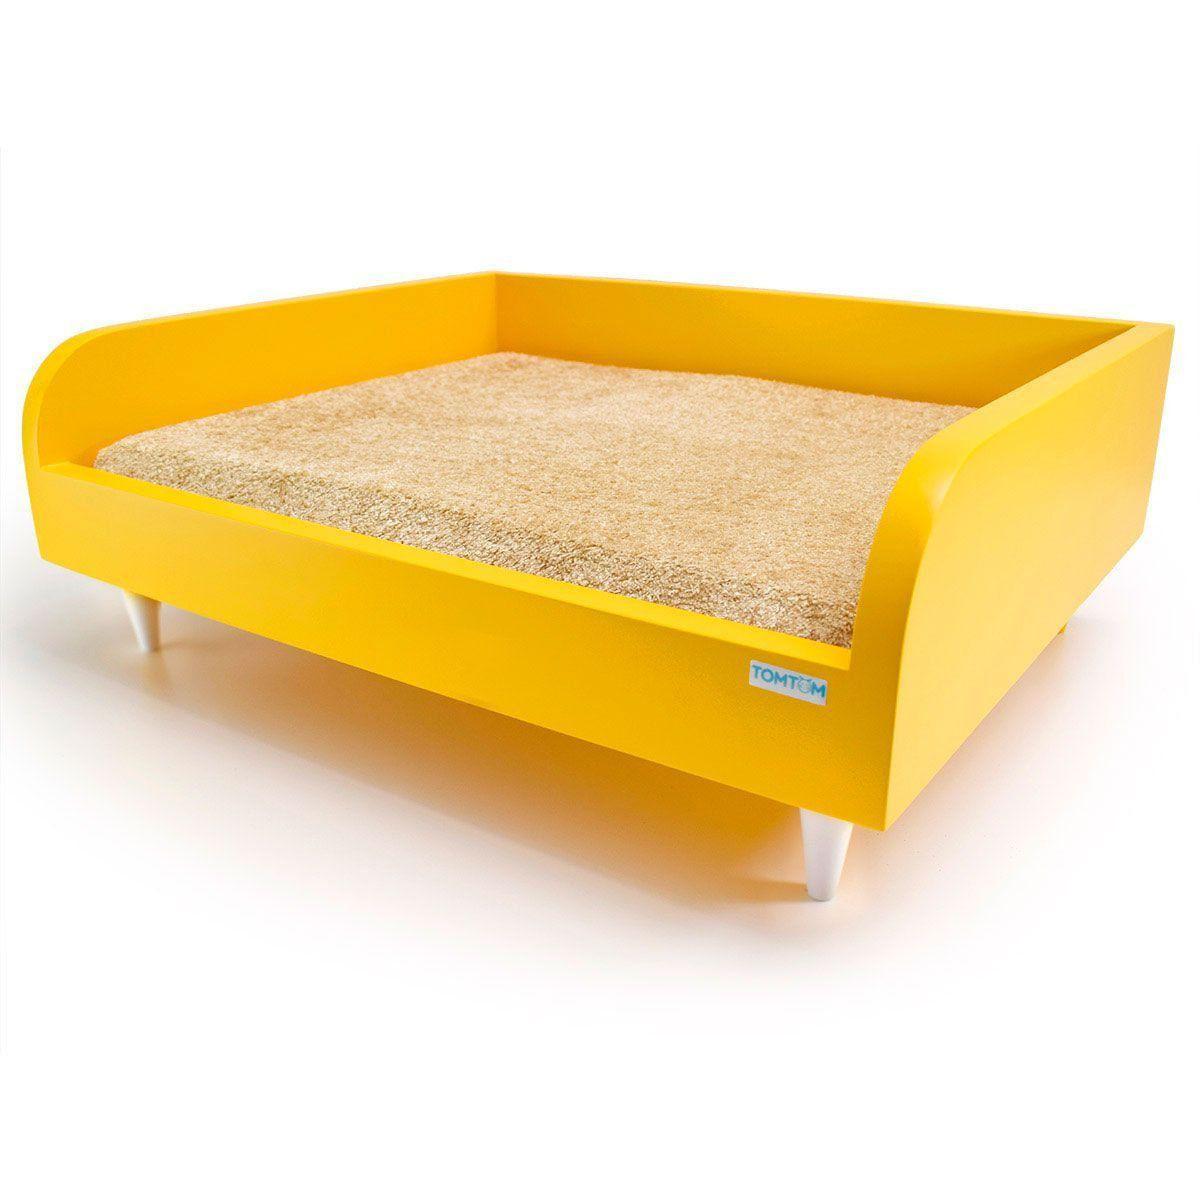 Sofá para Cachorro Pequeno Tomtom Pet Amarelo - P